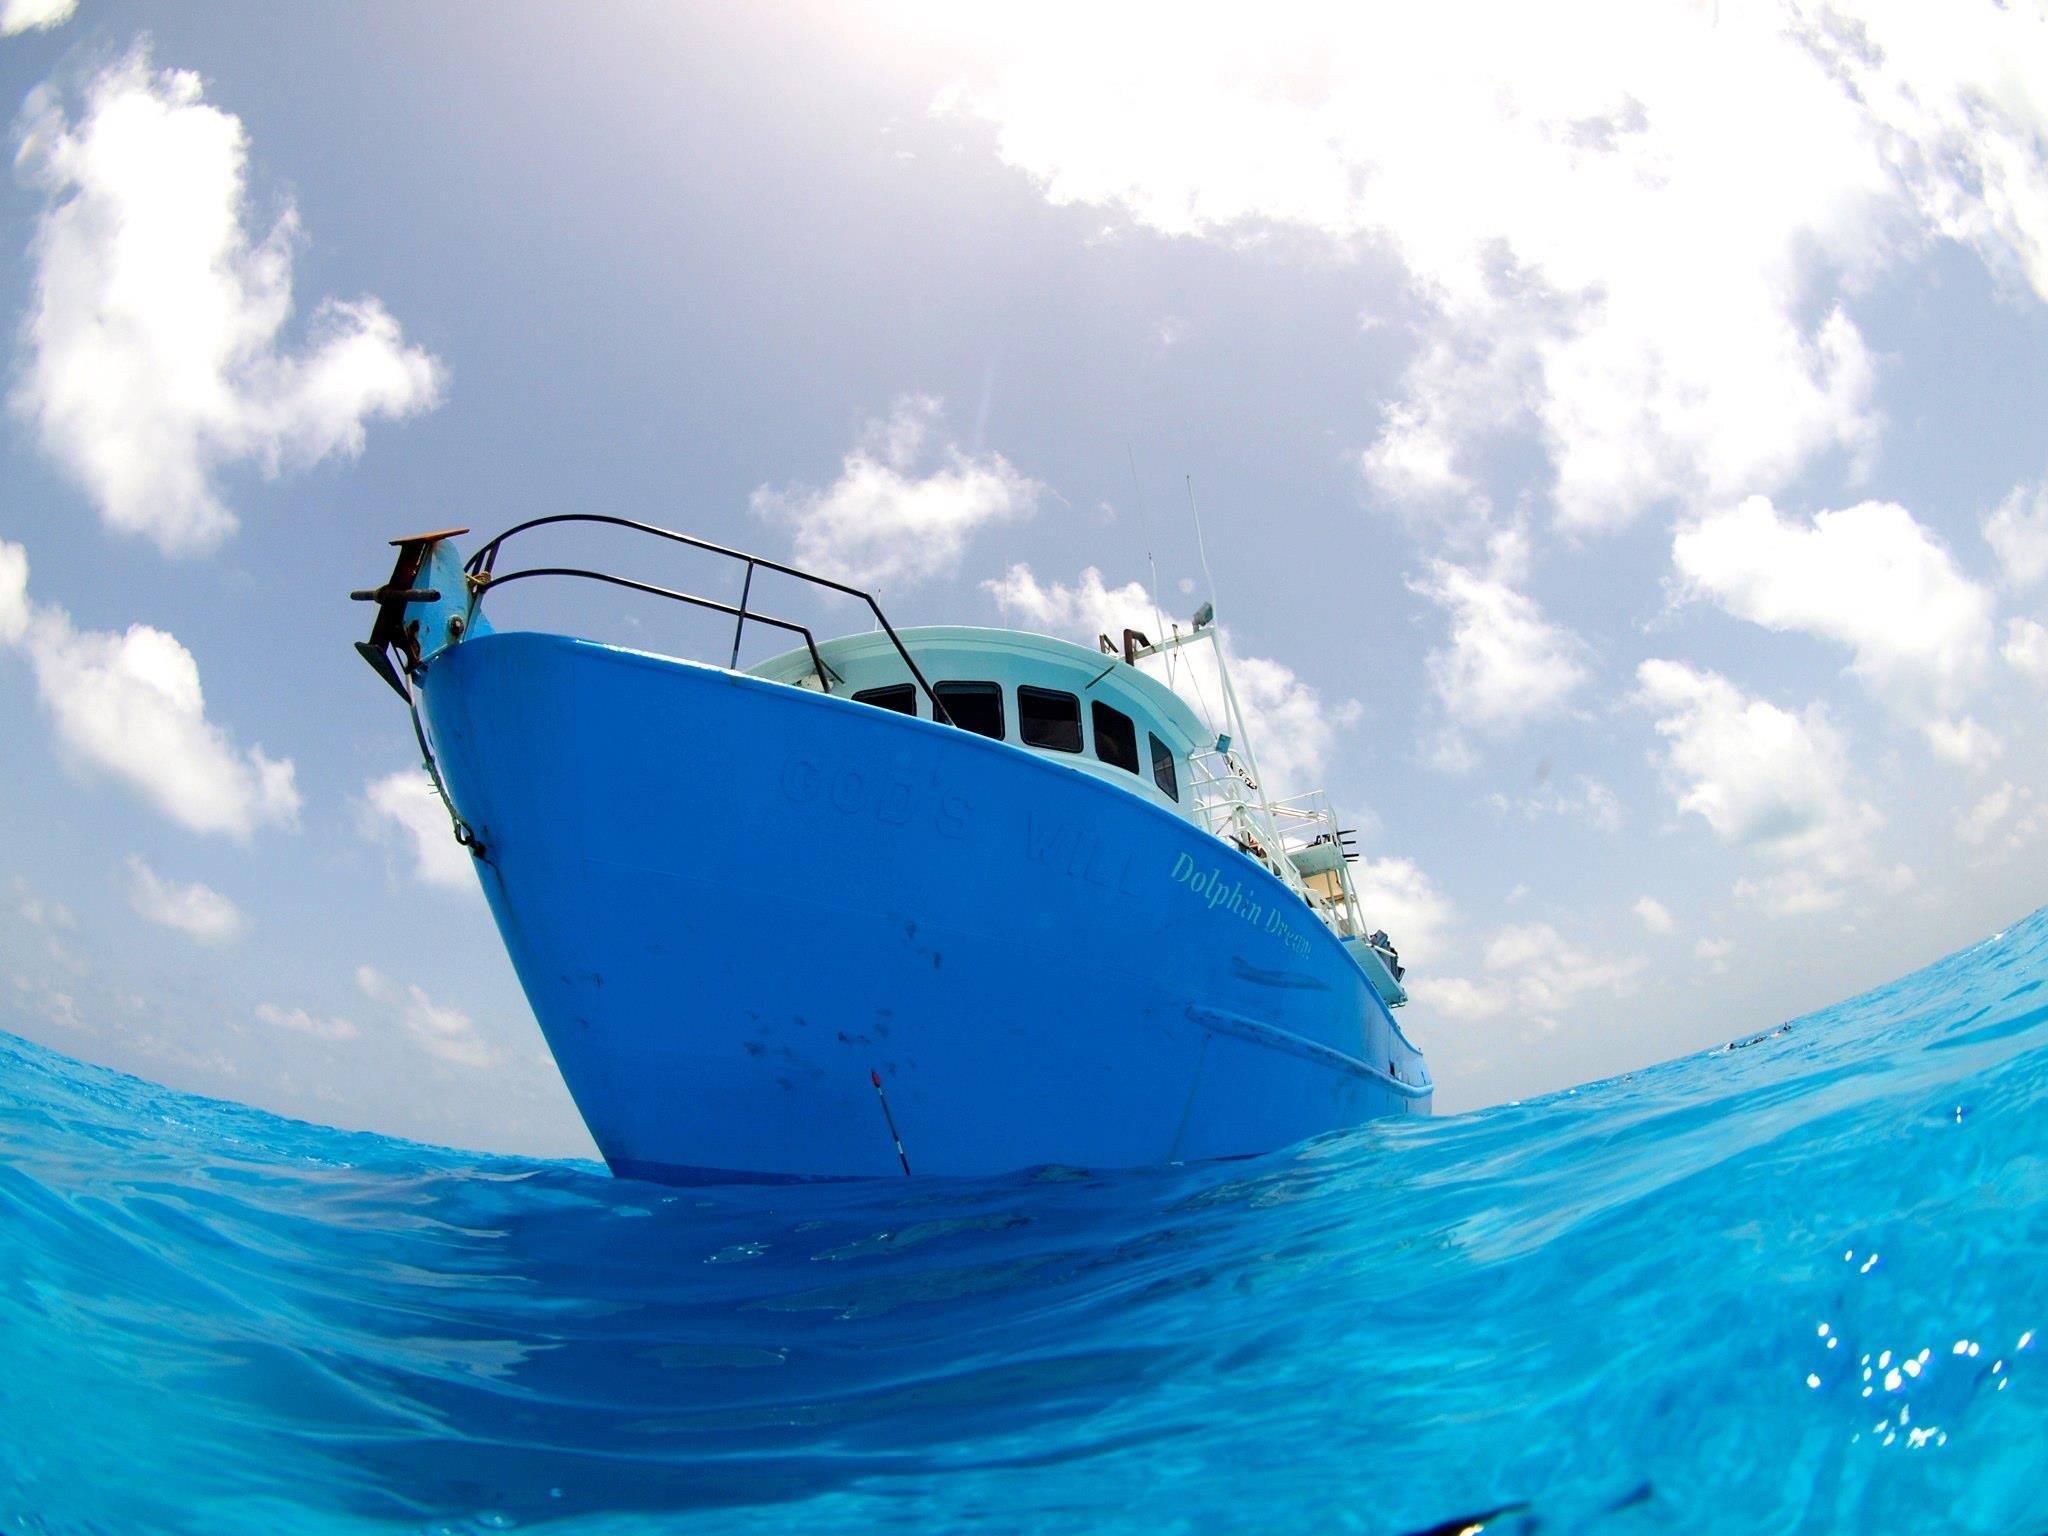 """※来年の予約は可能です。             今年で9年目になるPlayTheE<a href=""""http://play-the-earth.com/dolphin-swim-in-bahamas-2014/""""><br />…続きを読む</a>"""